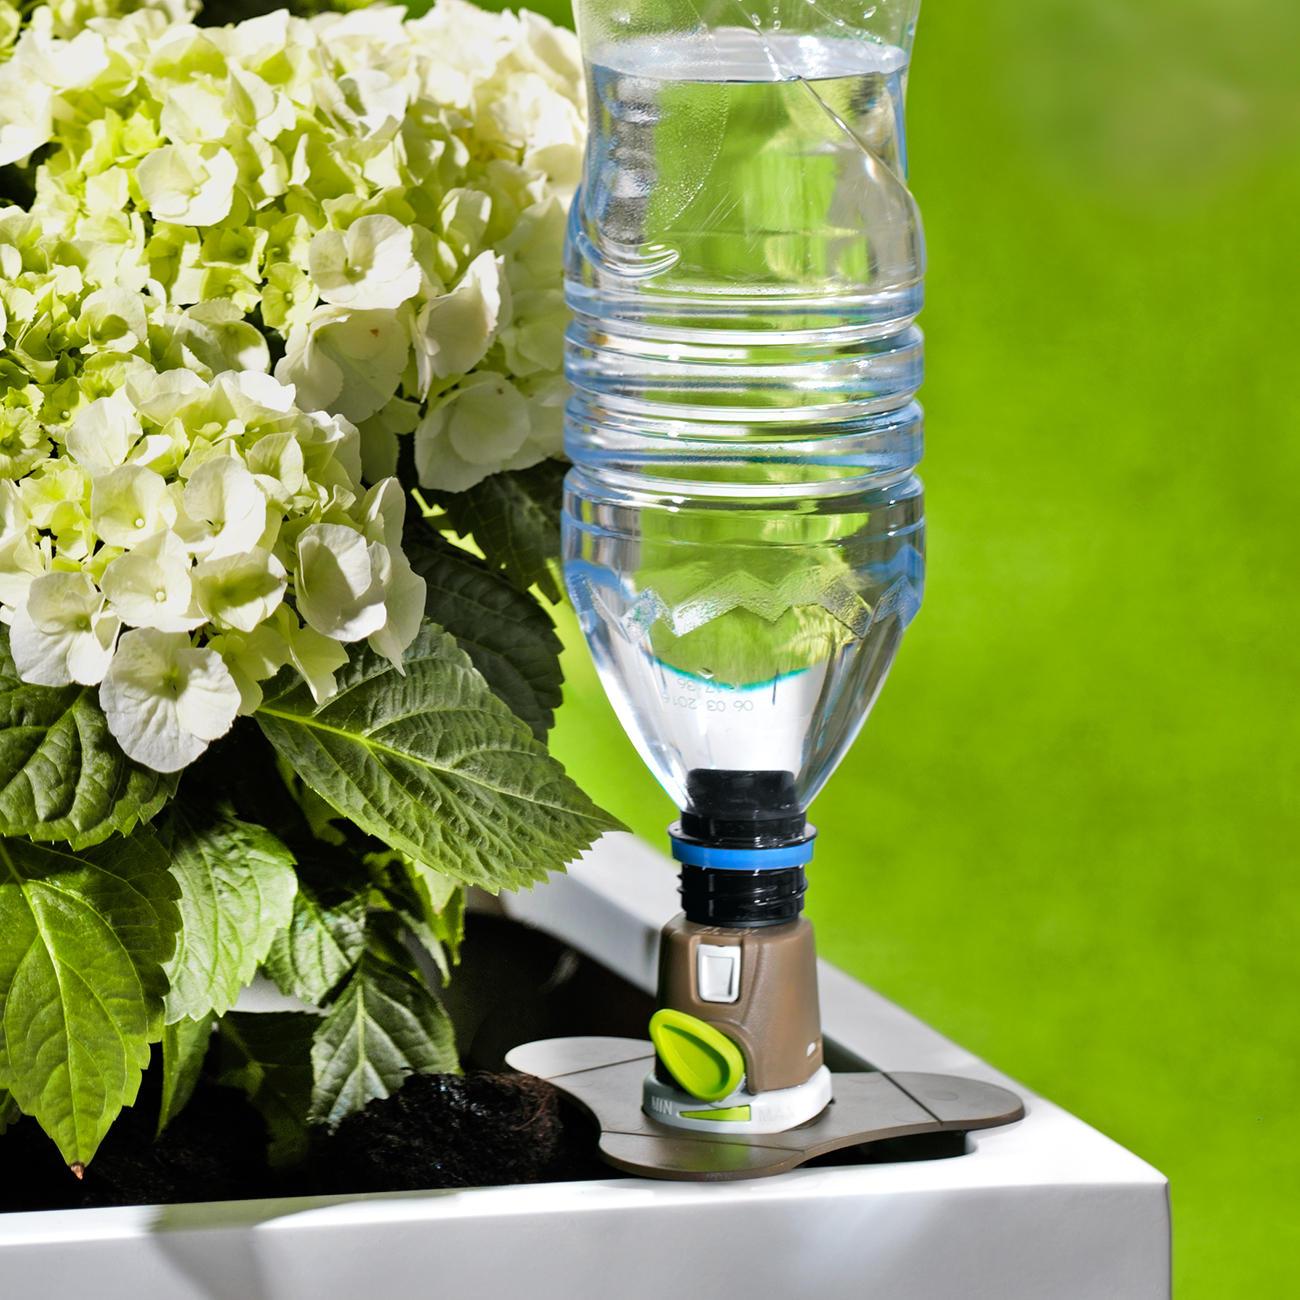 aquaflora holiday premium 3er set online kaufen. Black Bedroom Furniture Sets. Home Design Ideas